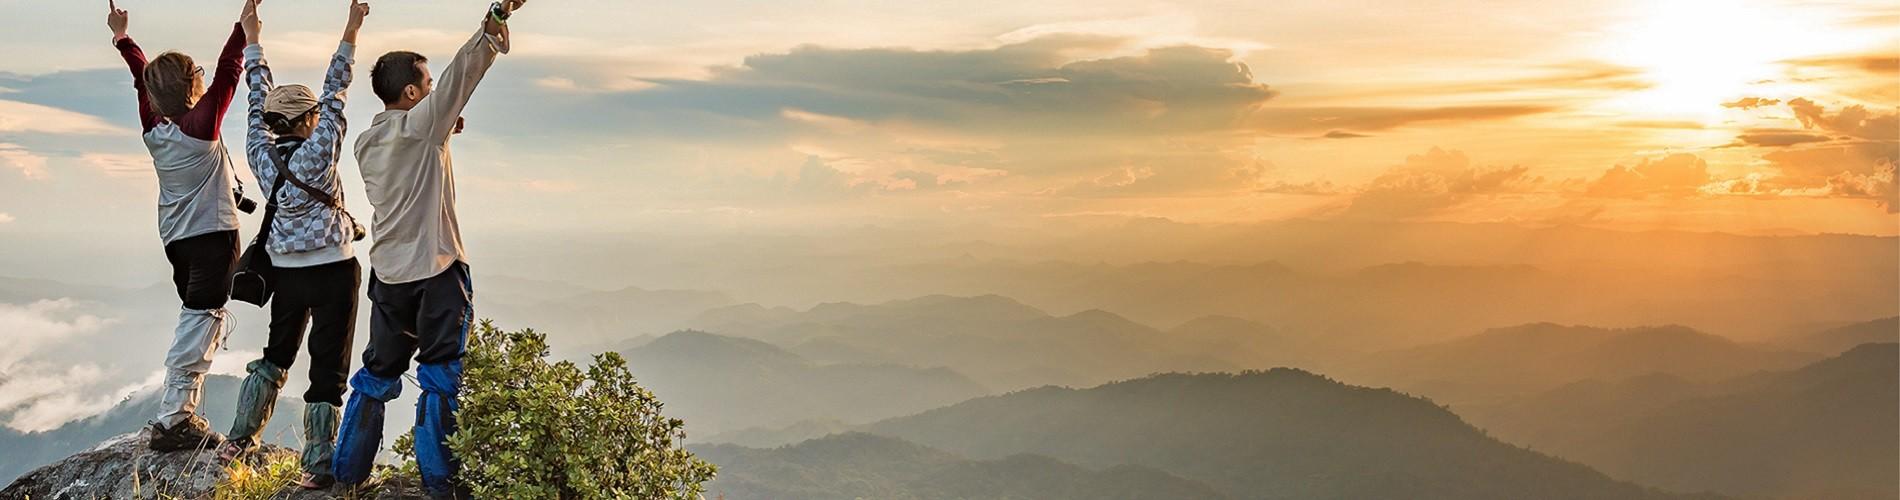 Berge und Sonnenuntergang